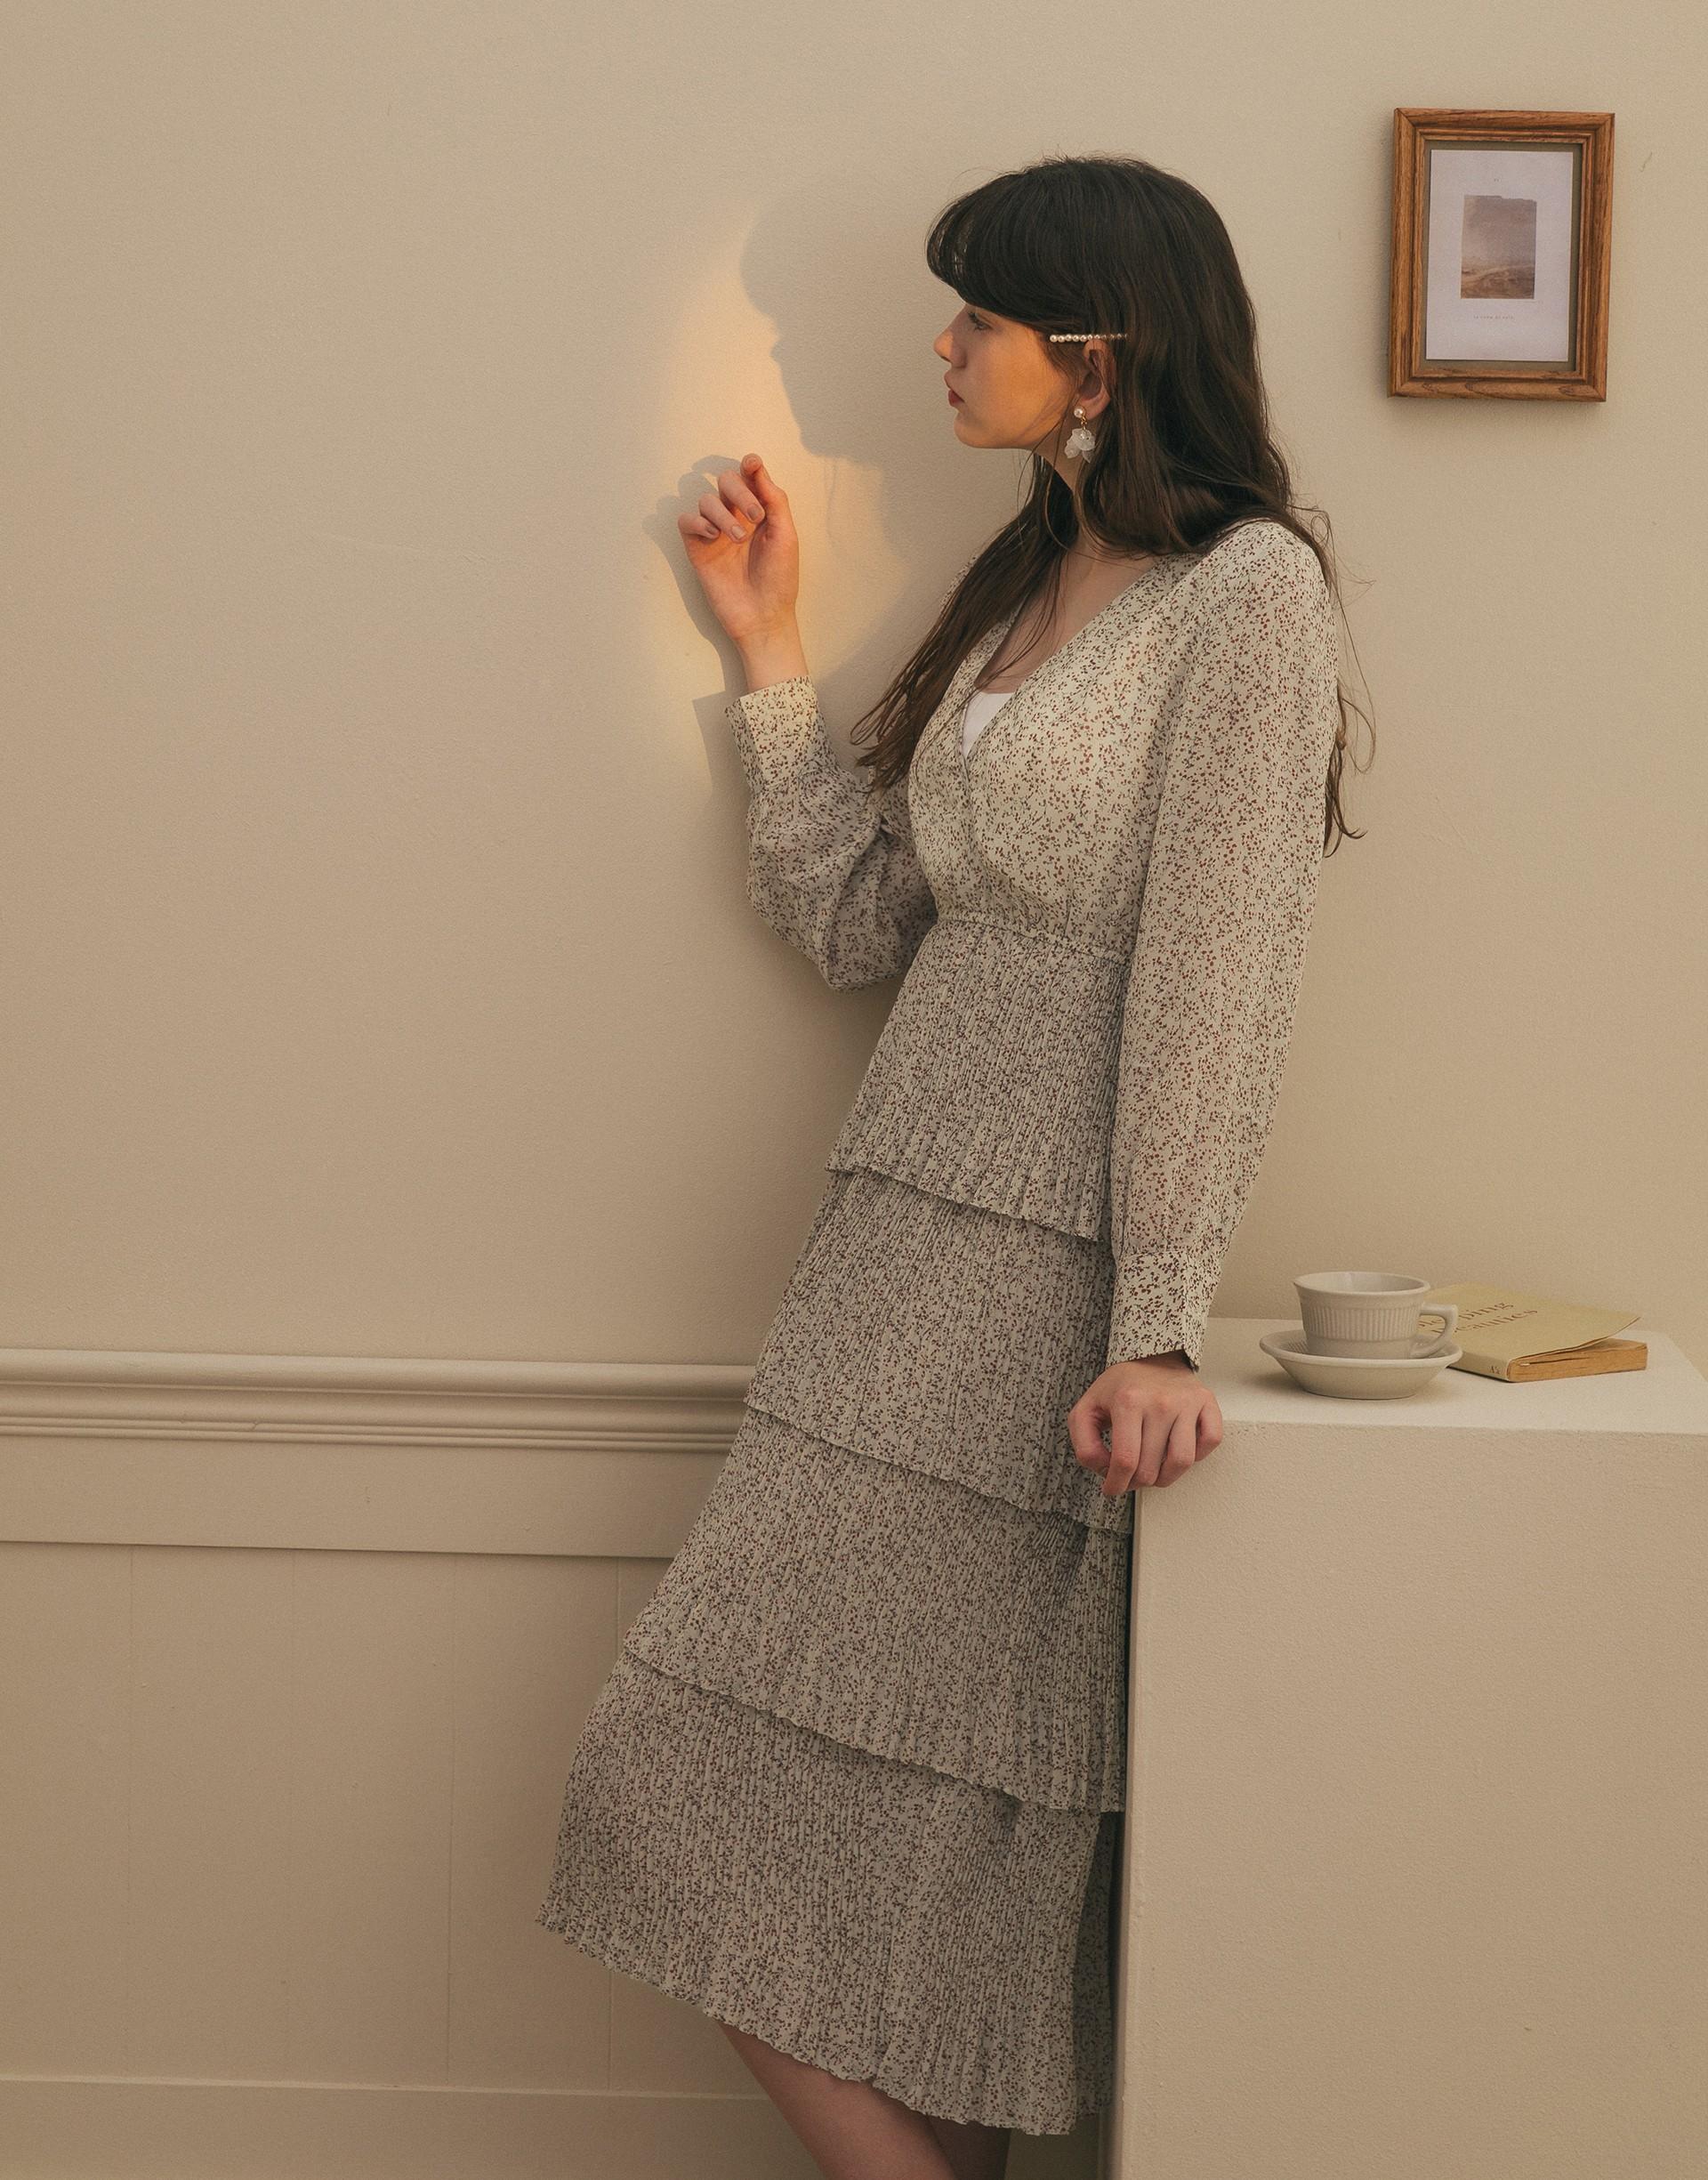 質感雪紡面料/多層次造型裙擺/前胸V領造型/袖口可開釦